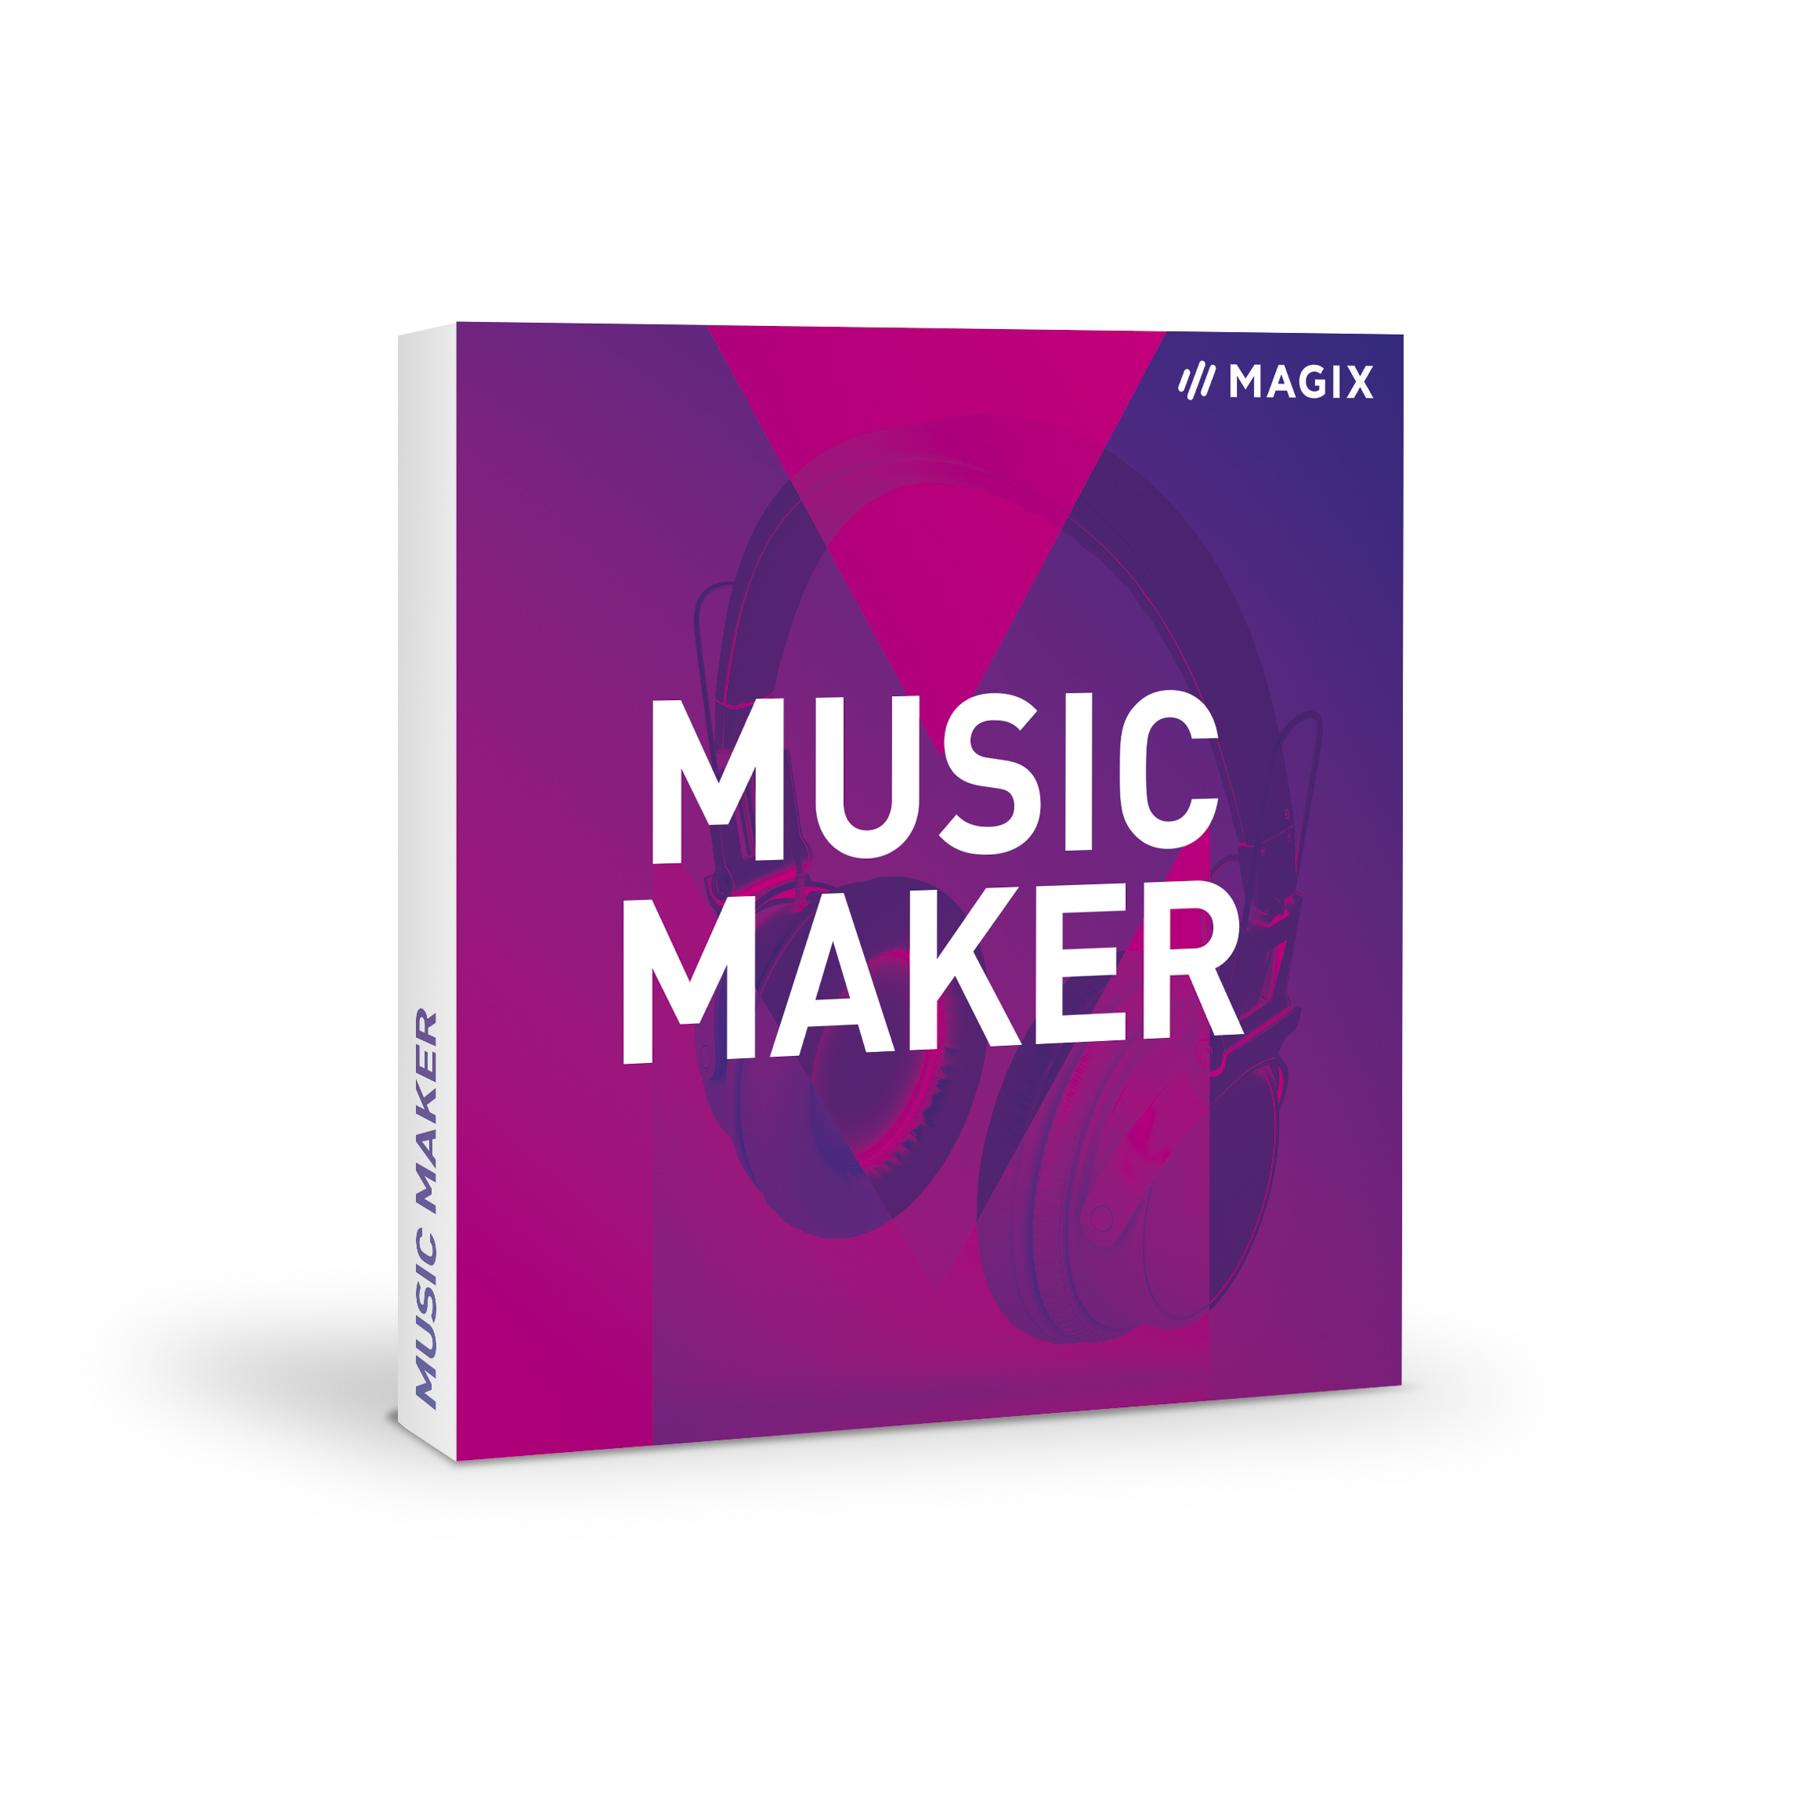 News: Überarbeiteter Ableger der Software Magix Music Maker erhältlich